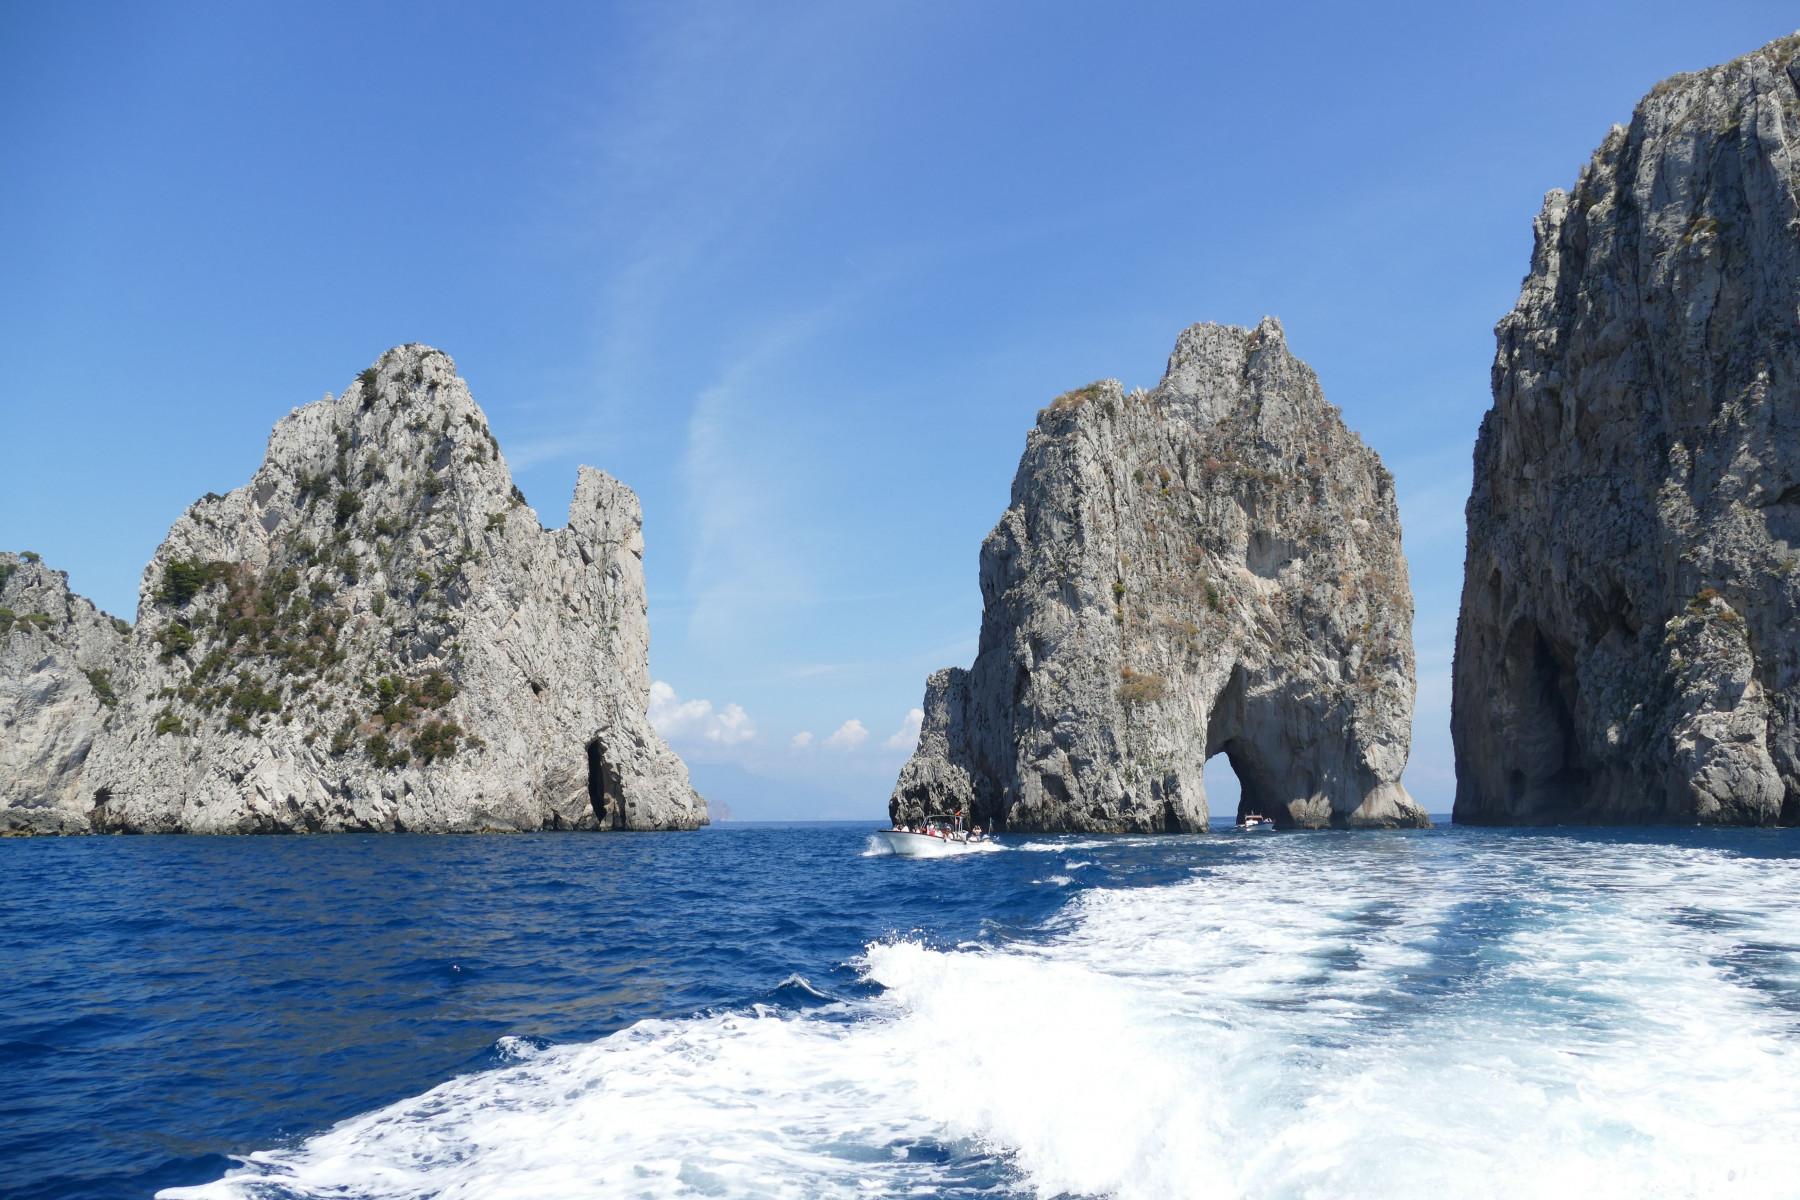 Escursione in barca a Capri con aperitivo al tramonto